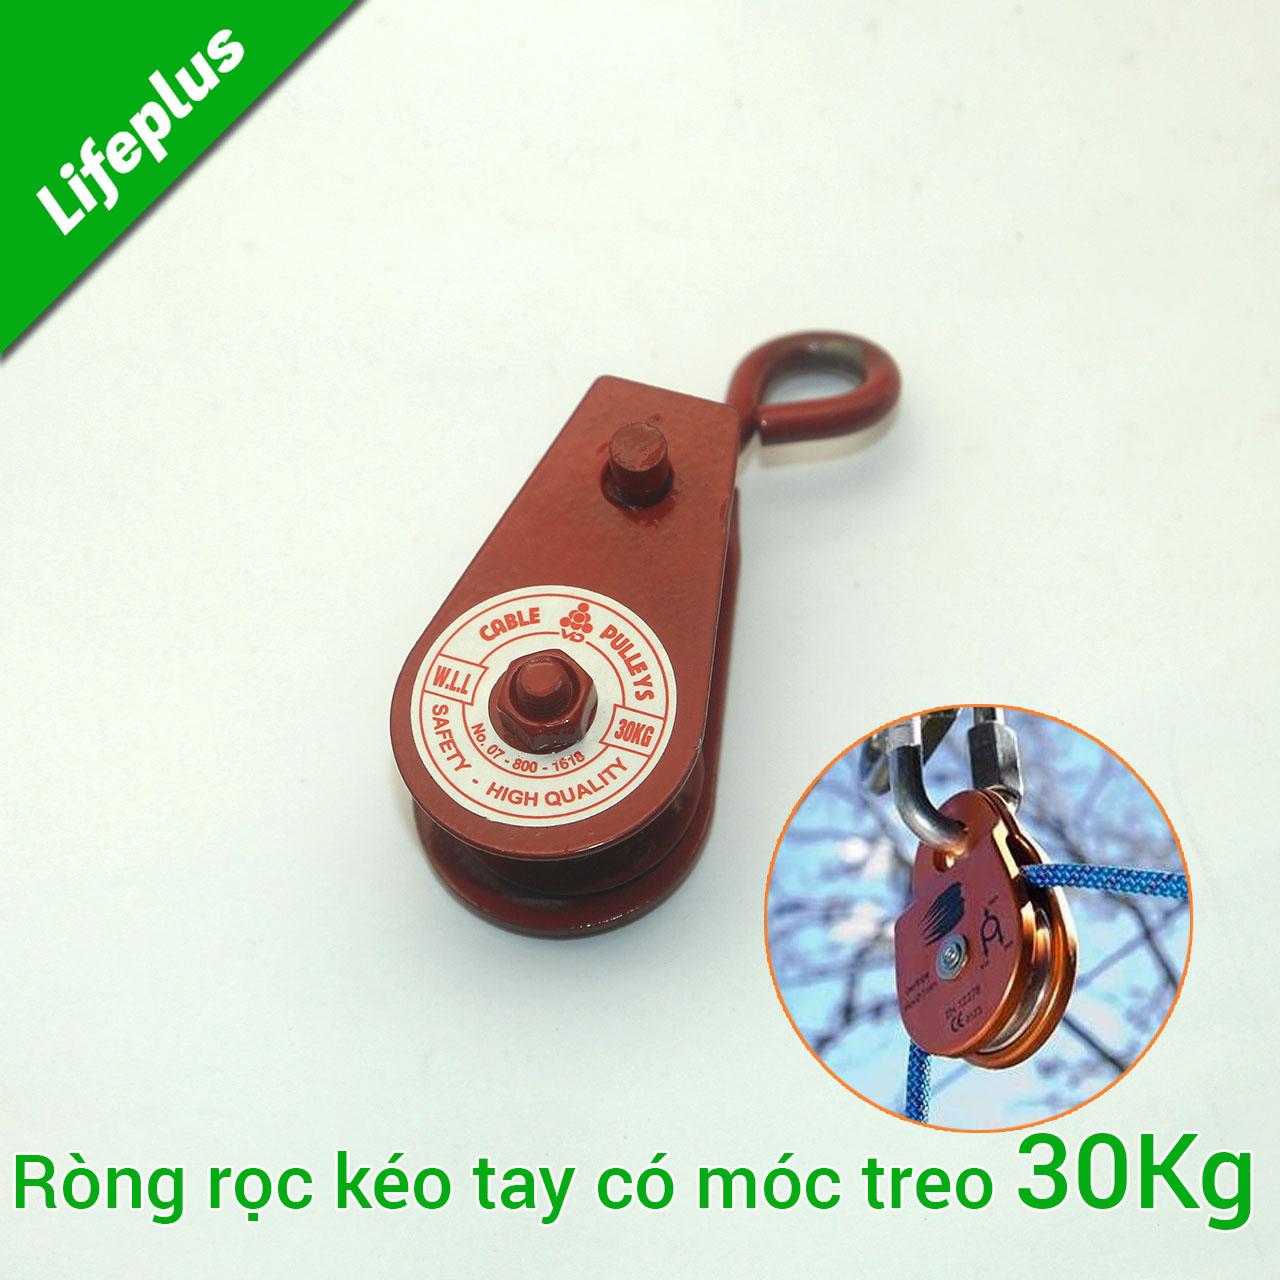 Ròng rọc treo 30-300kg